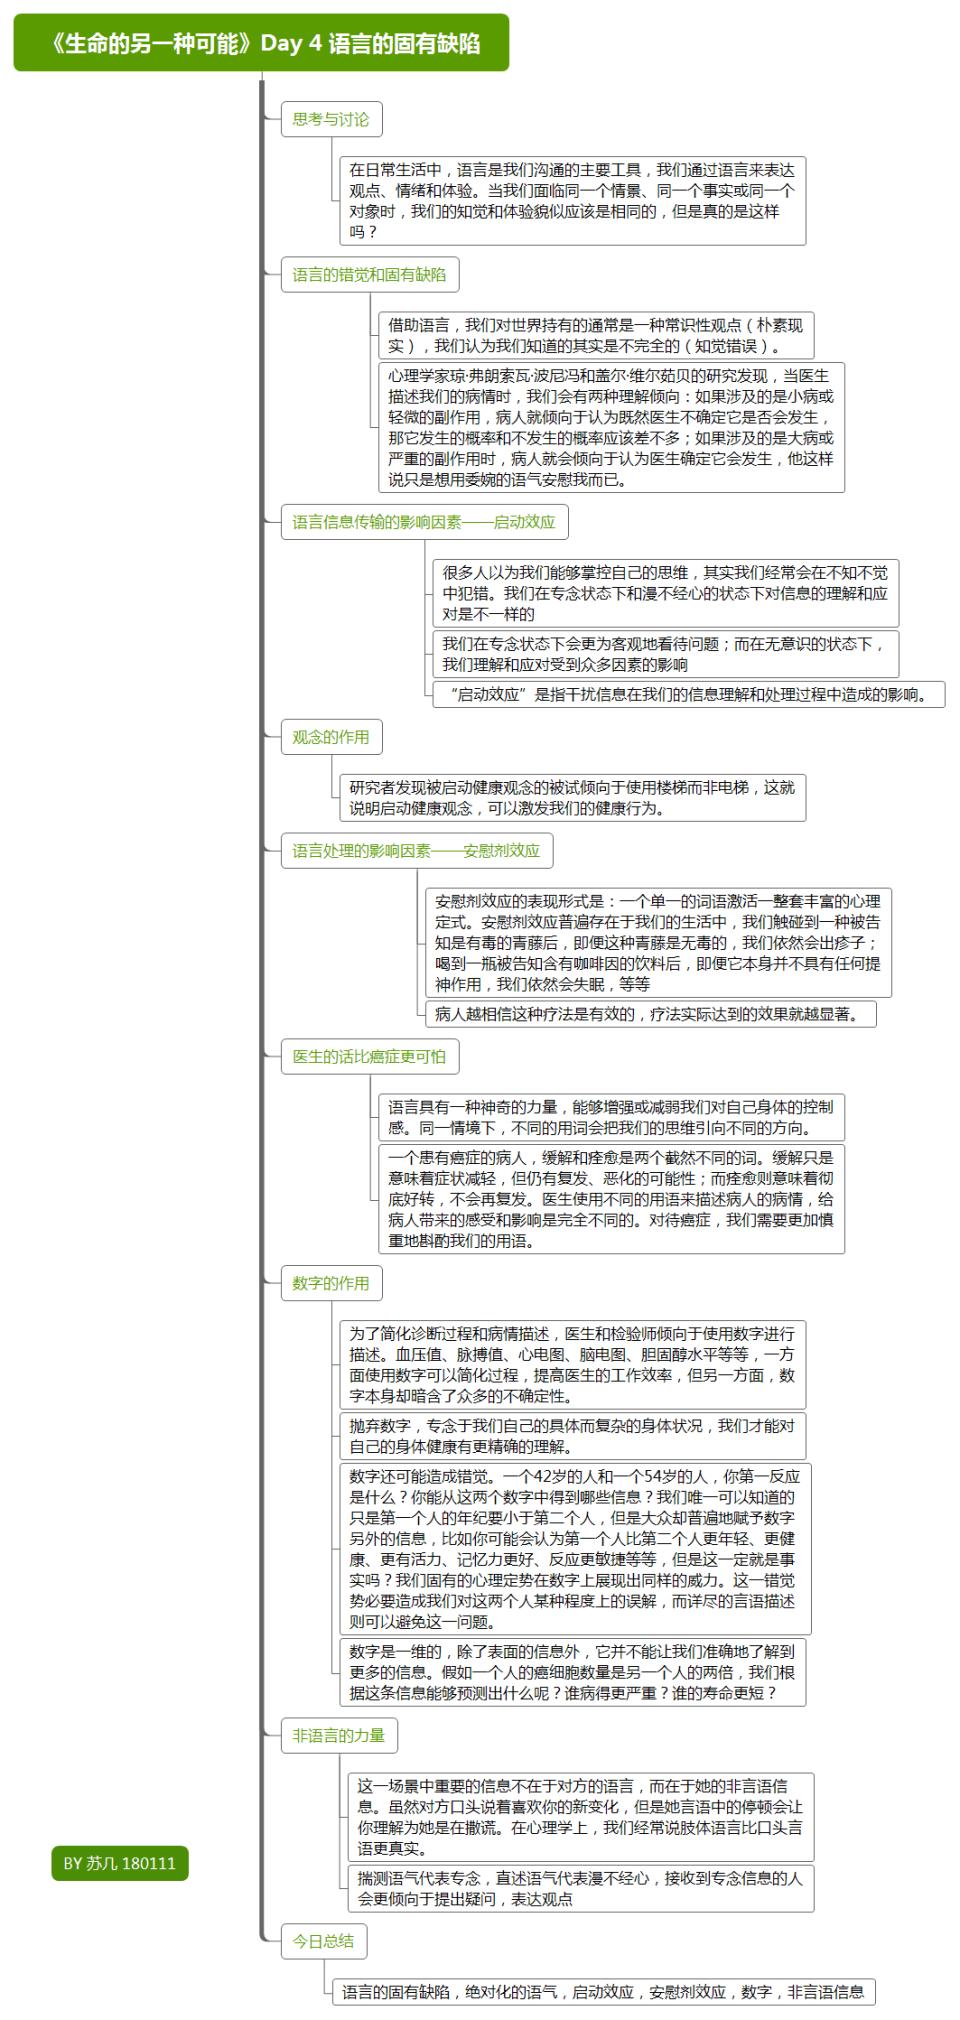 《生命的另一种可能》Day 4 语言的固有缺陷.png